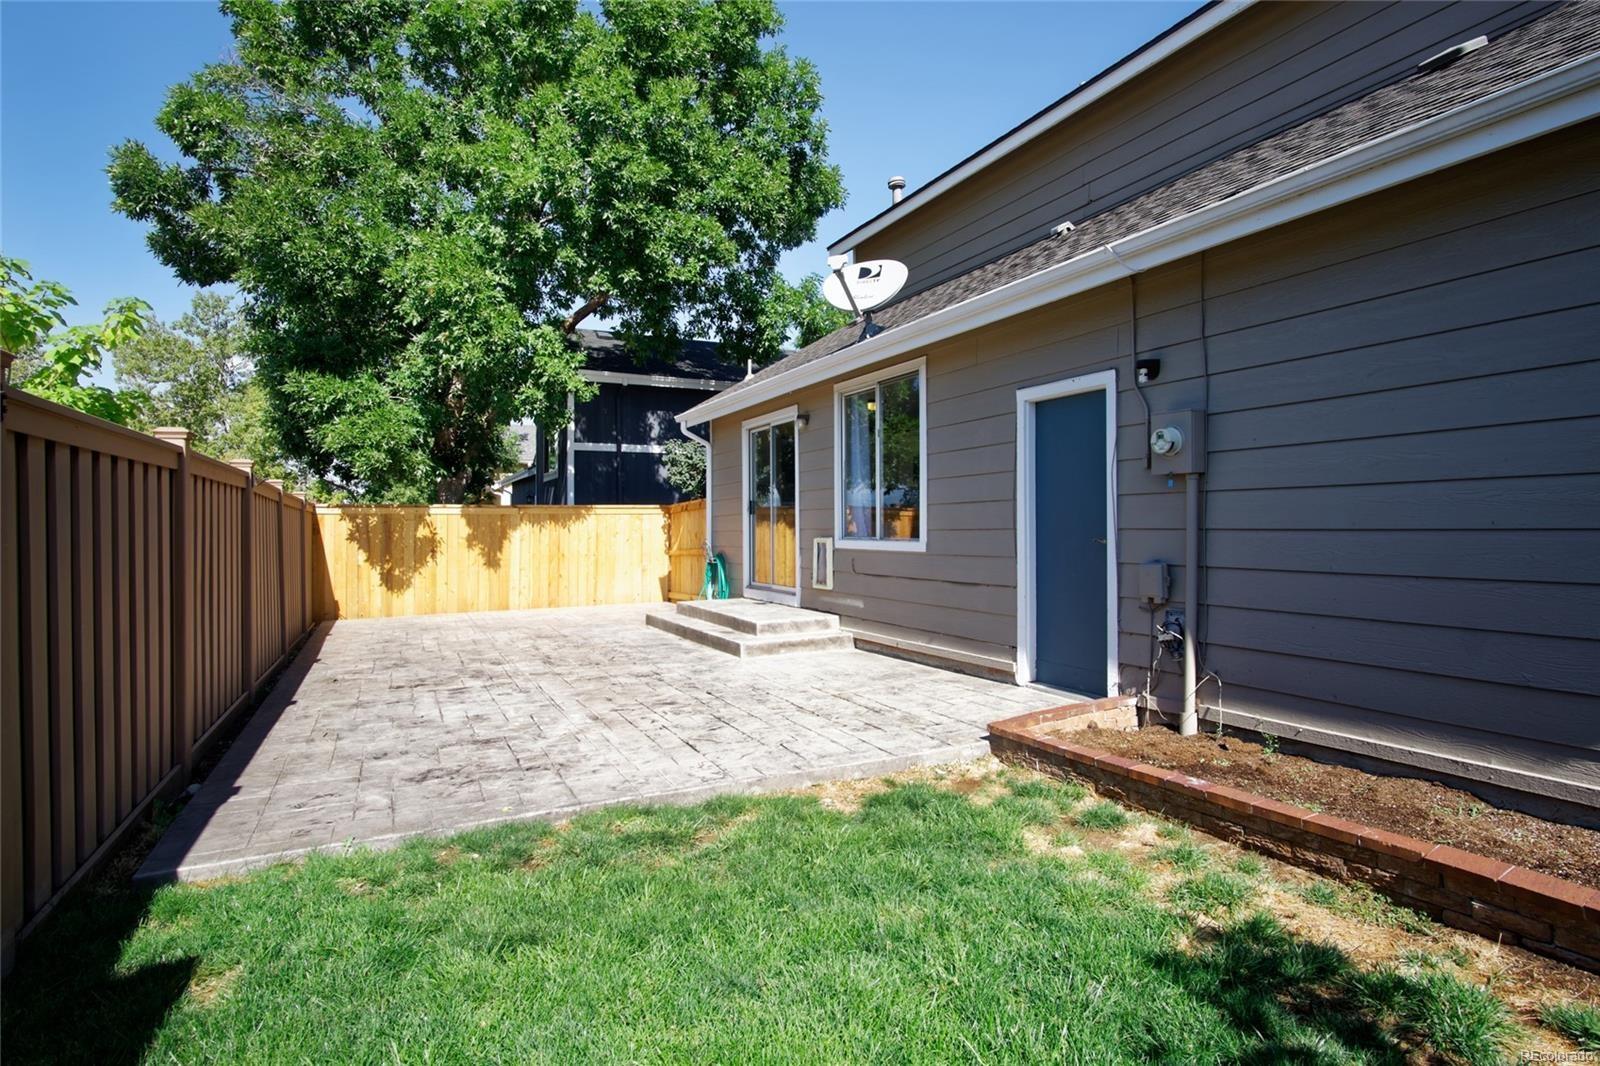 MLS# 6343588 - 37 - 522 Lindenwood Court, Highlands Ranch, CO 80126